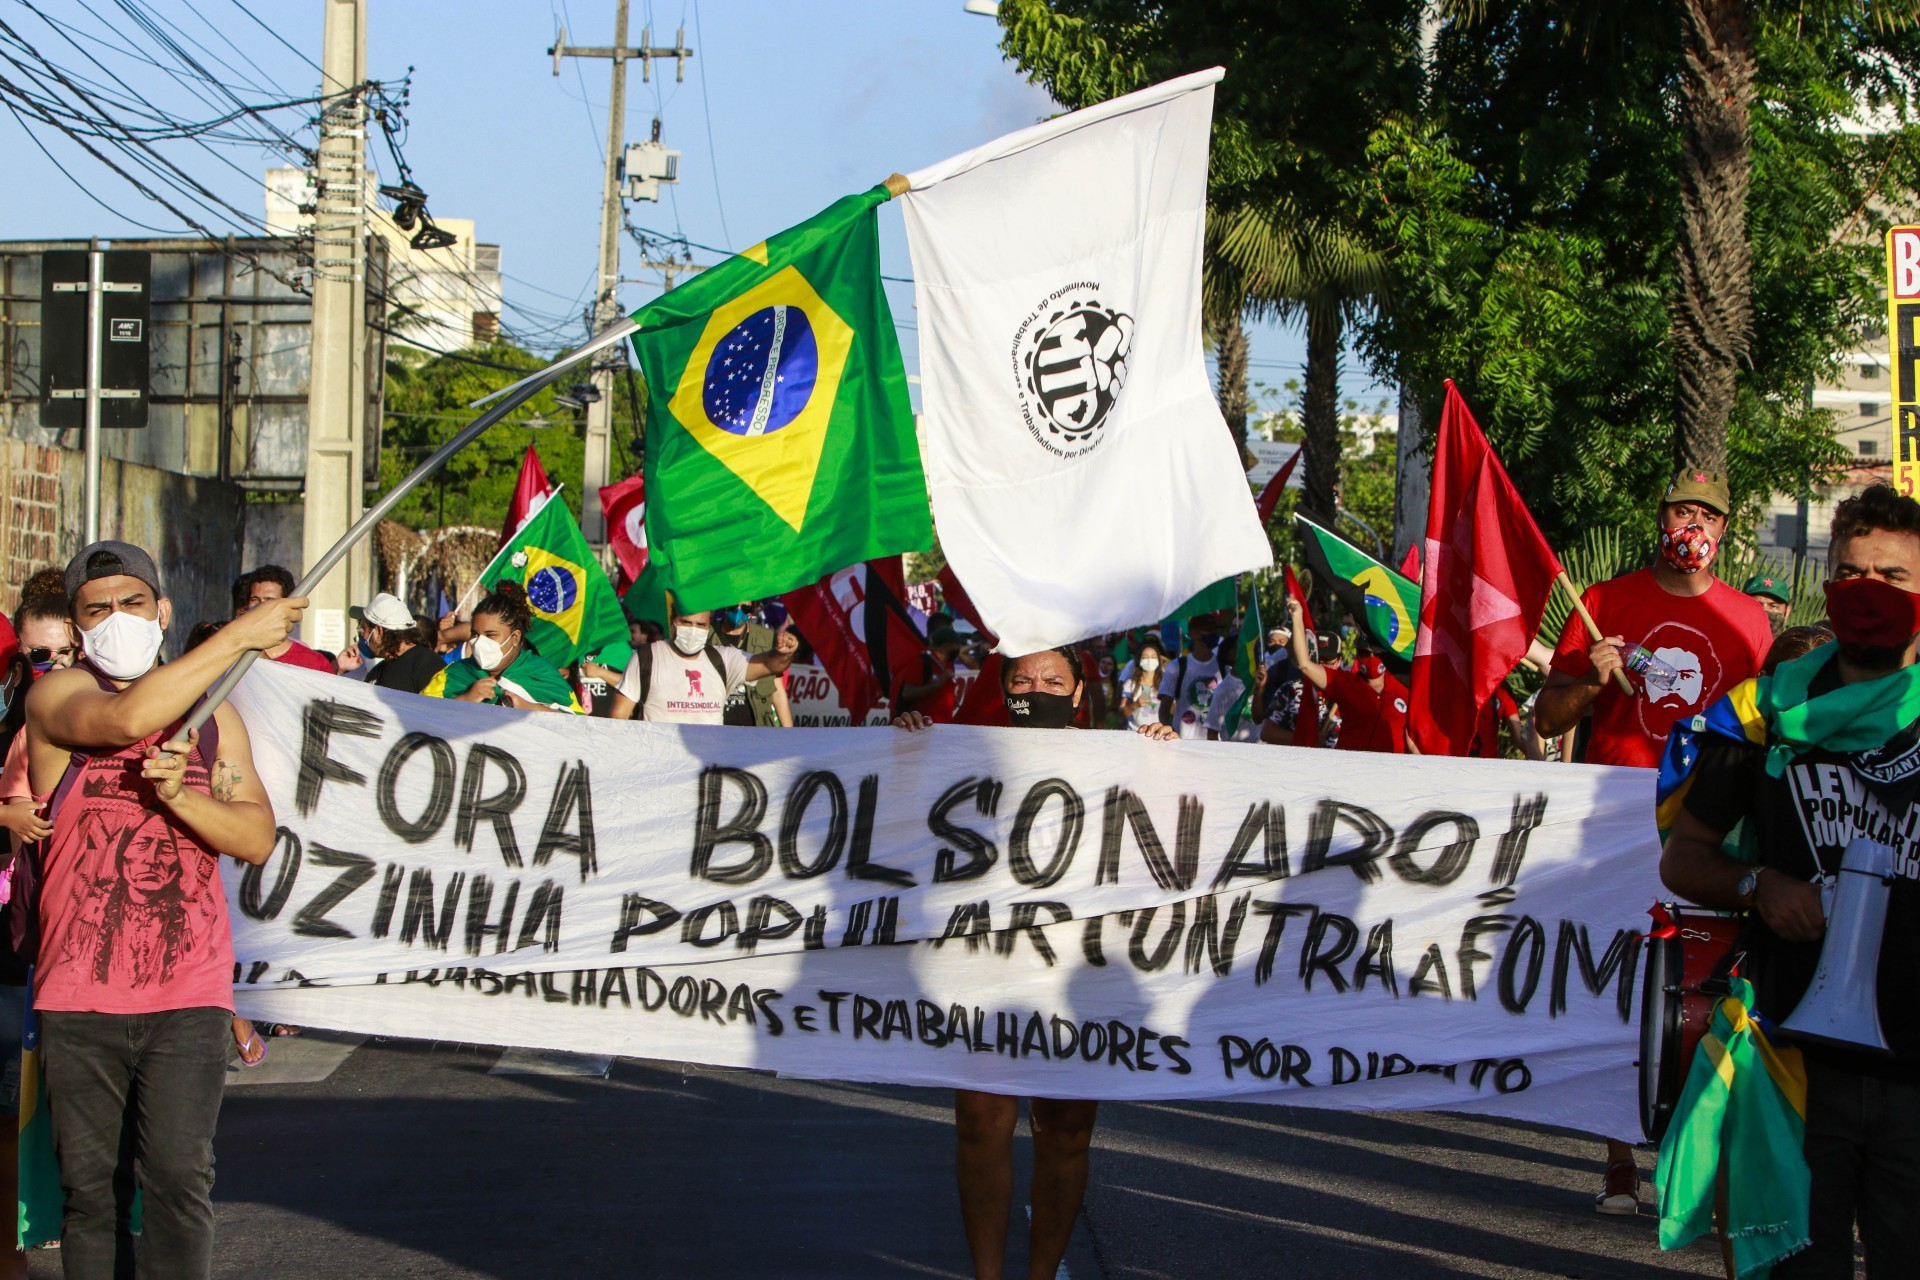 (Foto: FCO FONTENELE)Fortaleza, Ce, BR - 07.09.21 Grito dos excluidos - Grupos sociais promovem passeata em defesa dos direitos (Aquivo Pessoal)